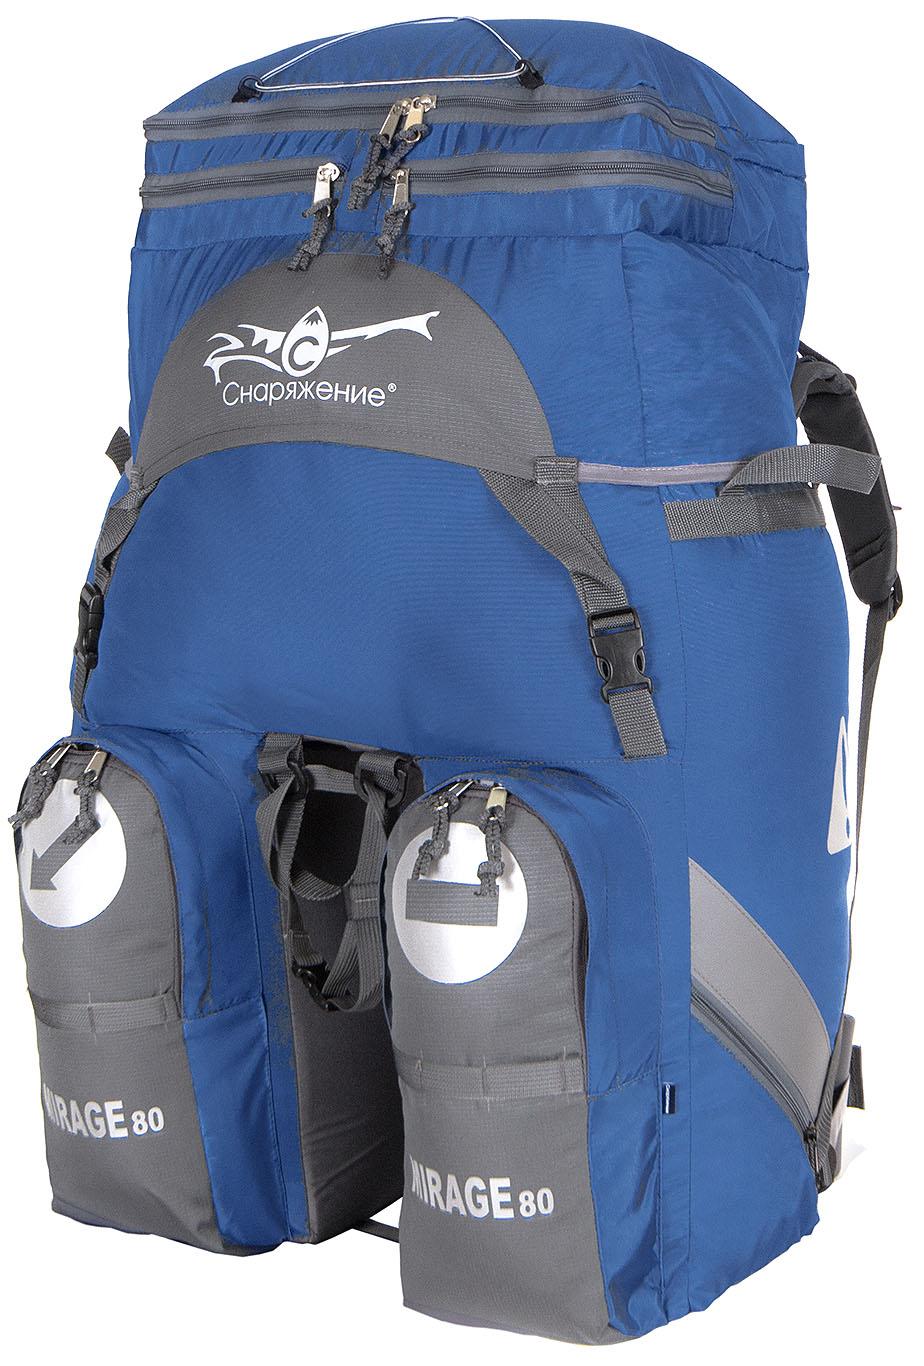 Рюкзак мираж 140421 рюкзак-папка для мелкогабаритного инструмента, прочих мелочей тукан